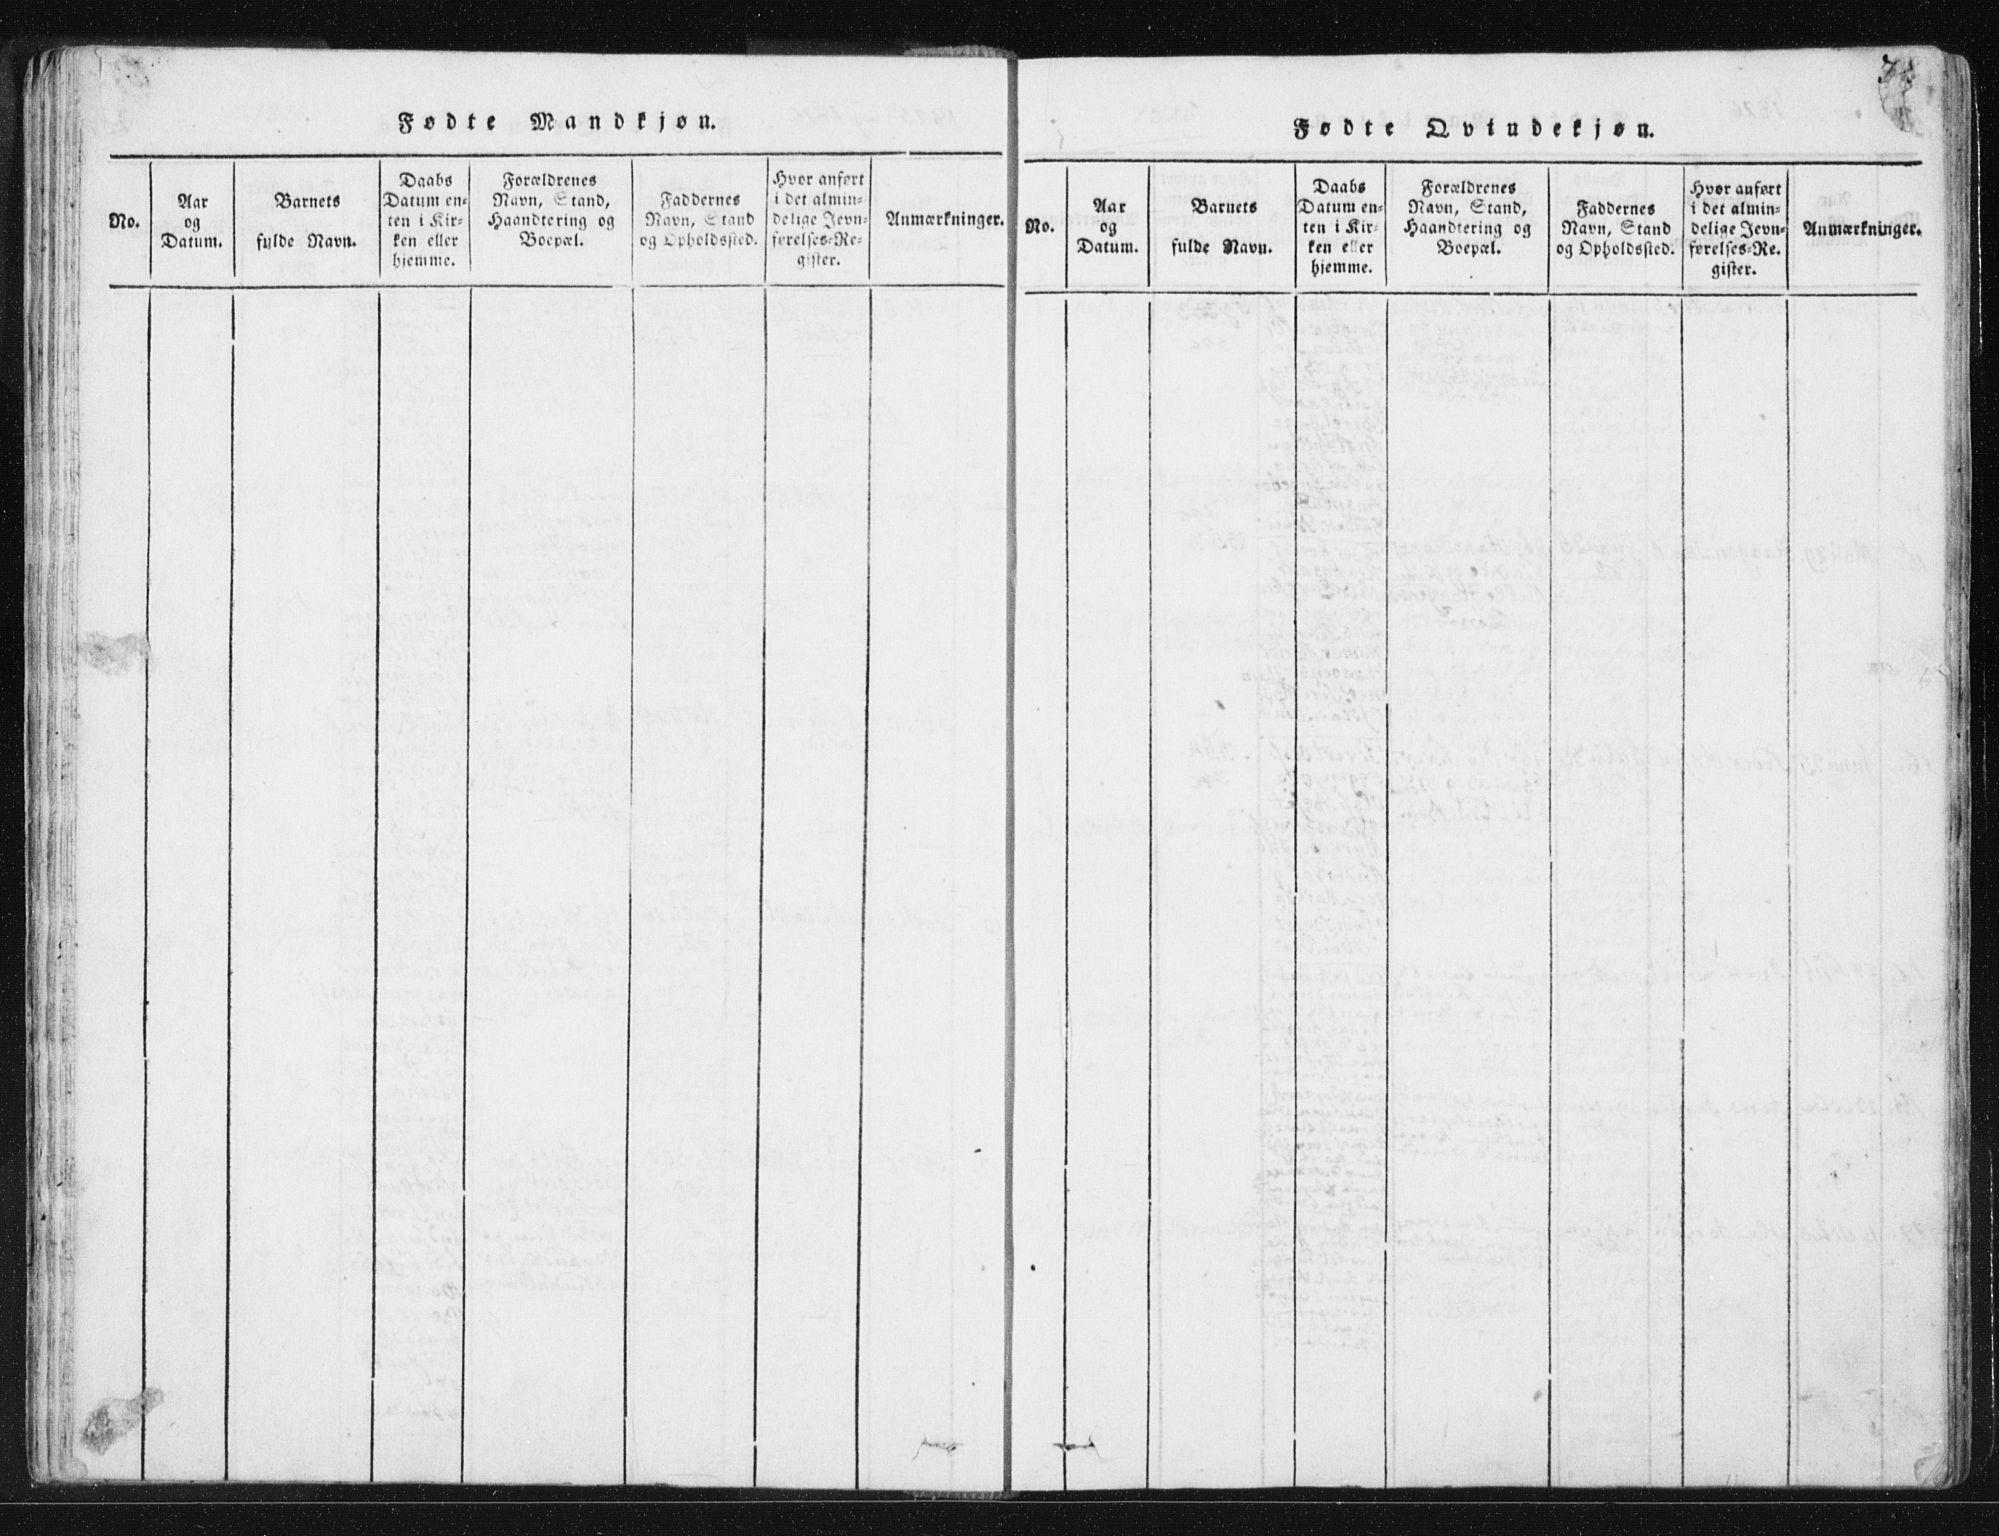 SAT, Ministerialprotokoller, klokkerbøker og fødselsregistre - Sør-Trøndelag, 665/L0770: Ministerialbok nr. 665A05, 1817-1829, s. 38